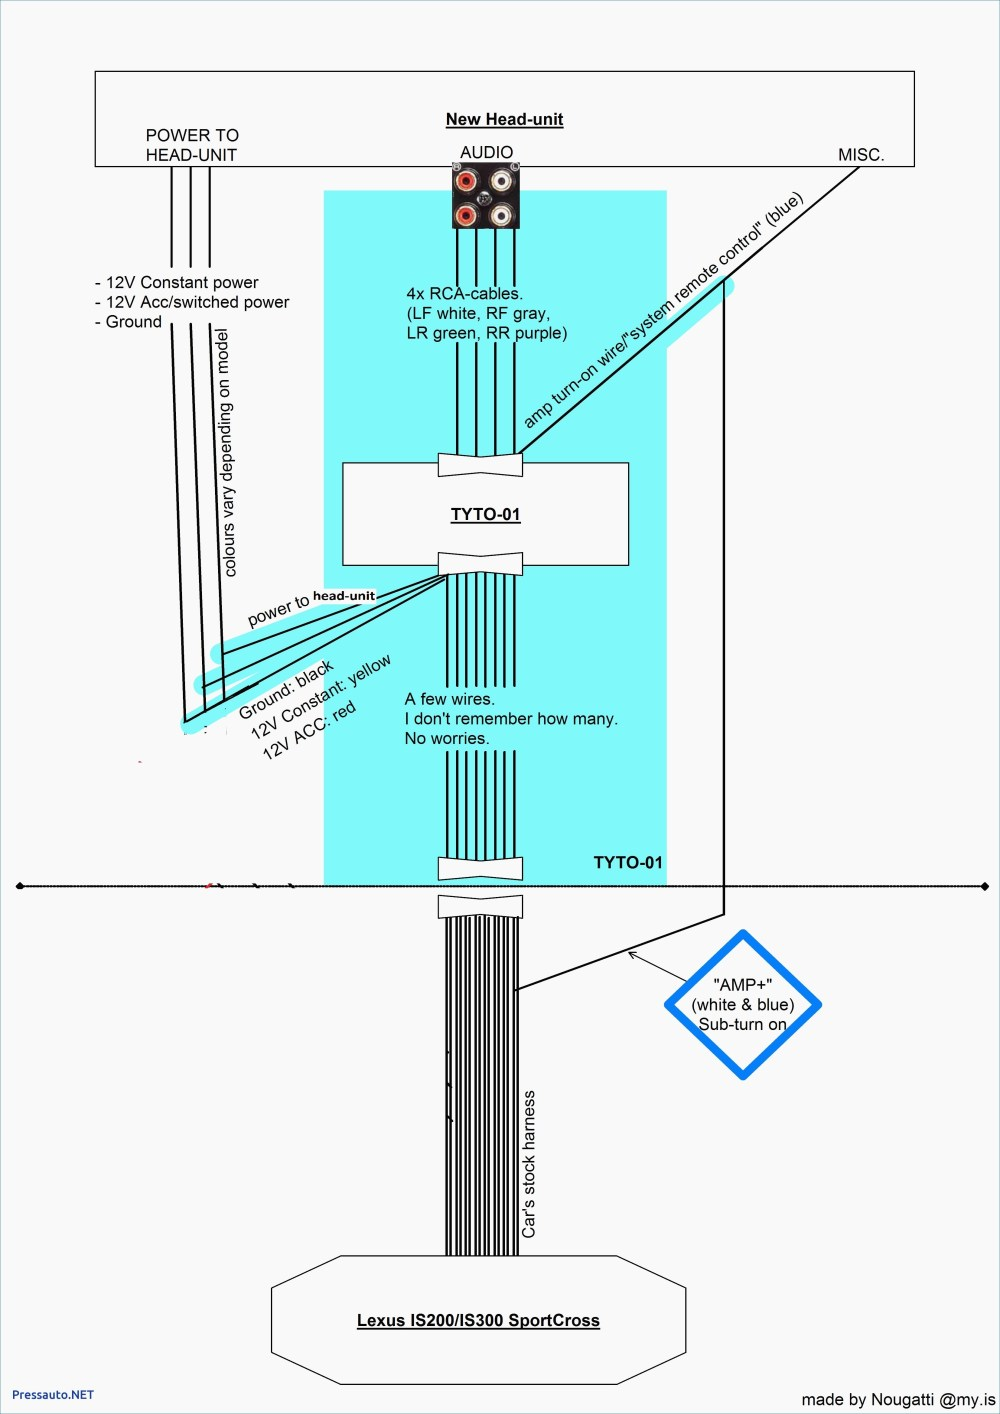 medium resolution of  international 9200i wiring diagram new wiring diagram image 2000 international 9200i wiring diagram international 9200i wiring